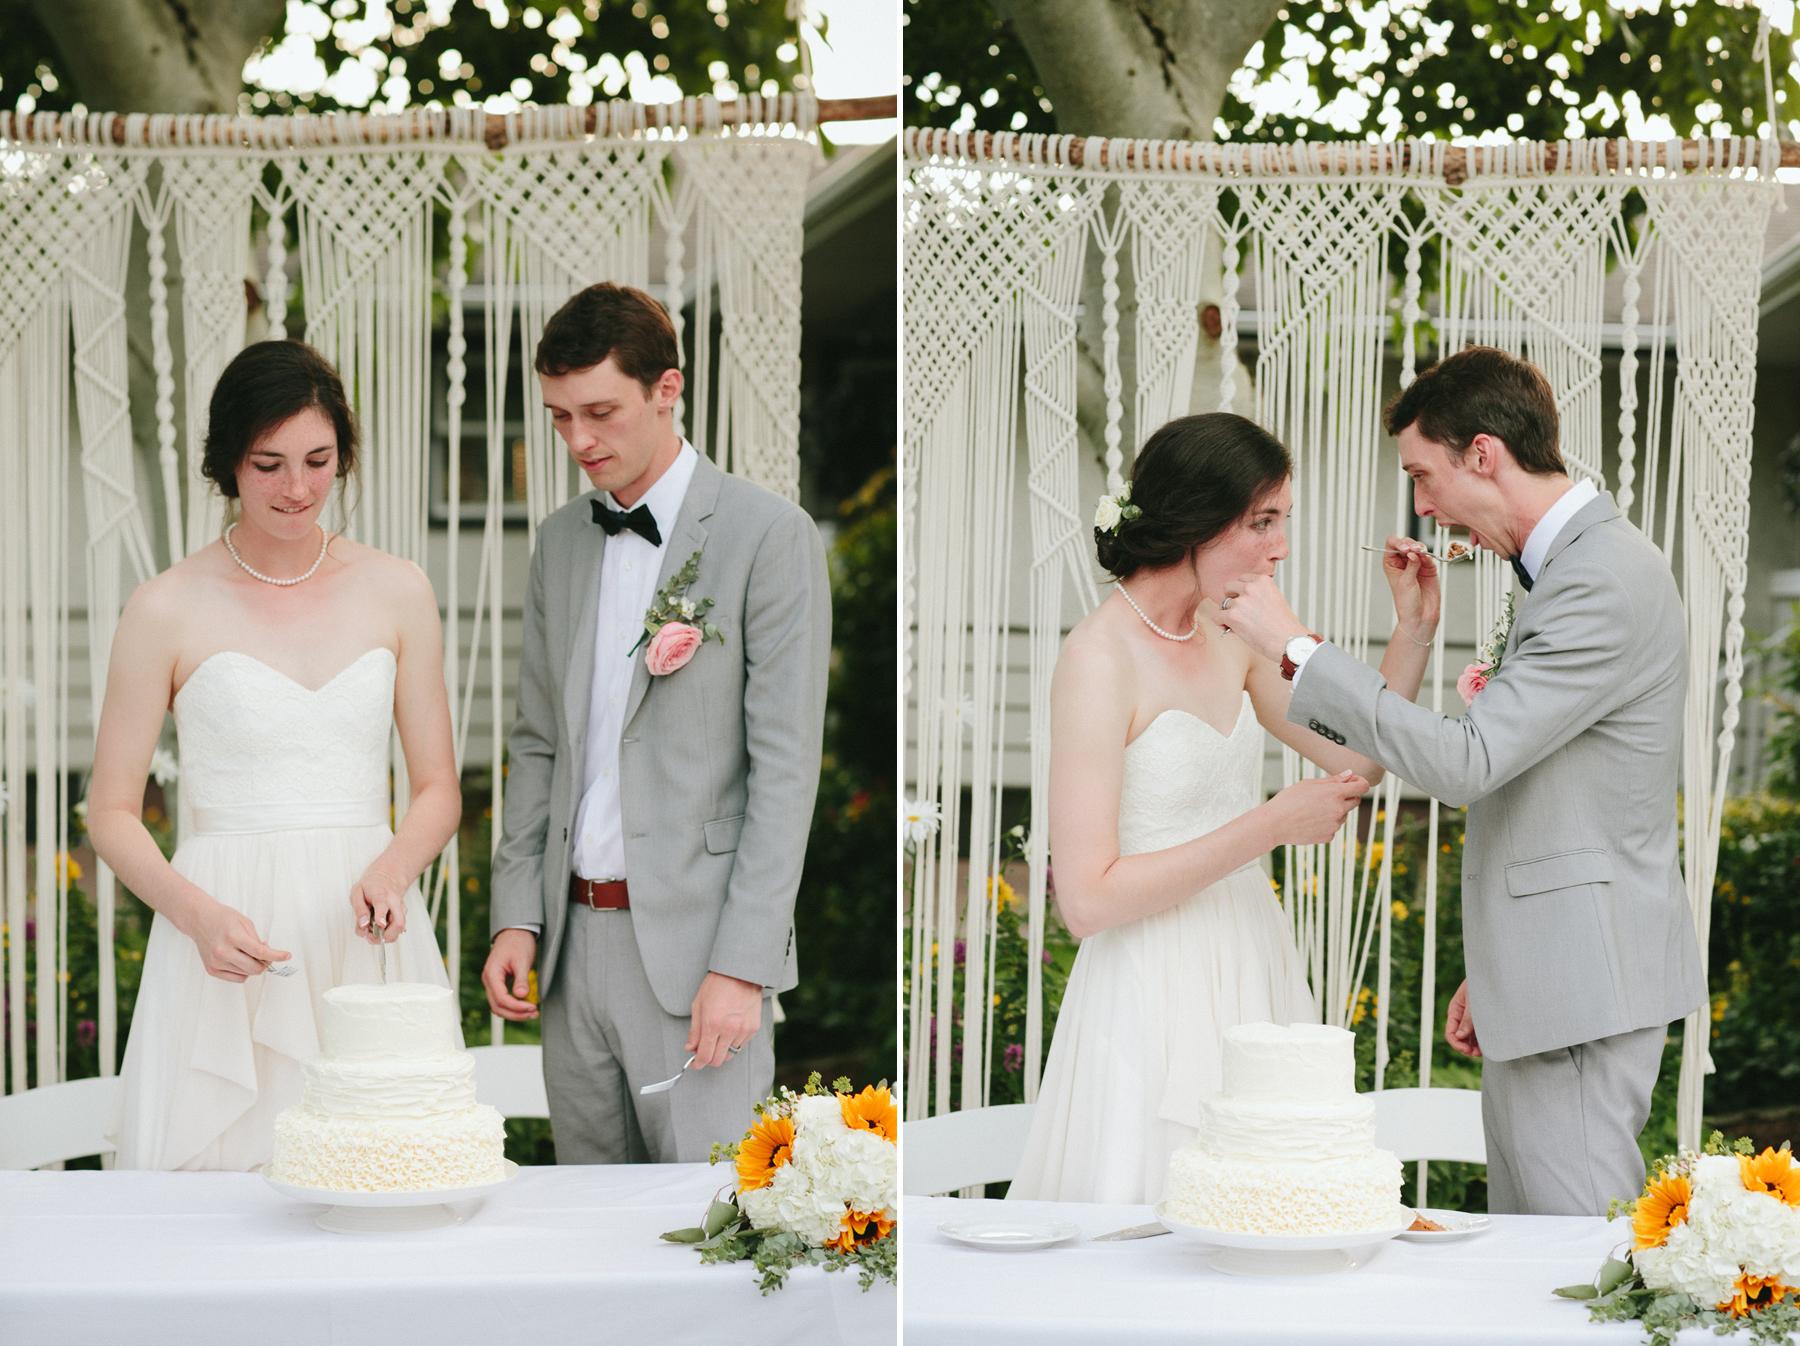 Vancouver-Rustic-Farm-Wedding-KB-194.jpg